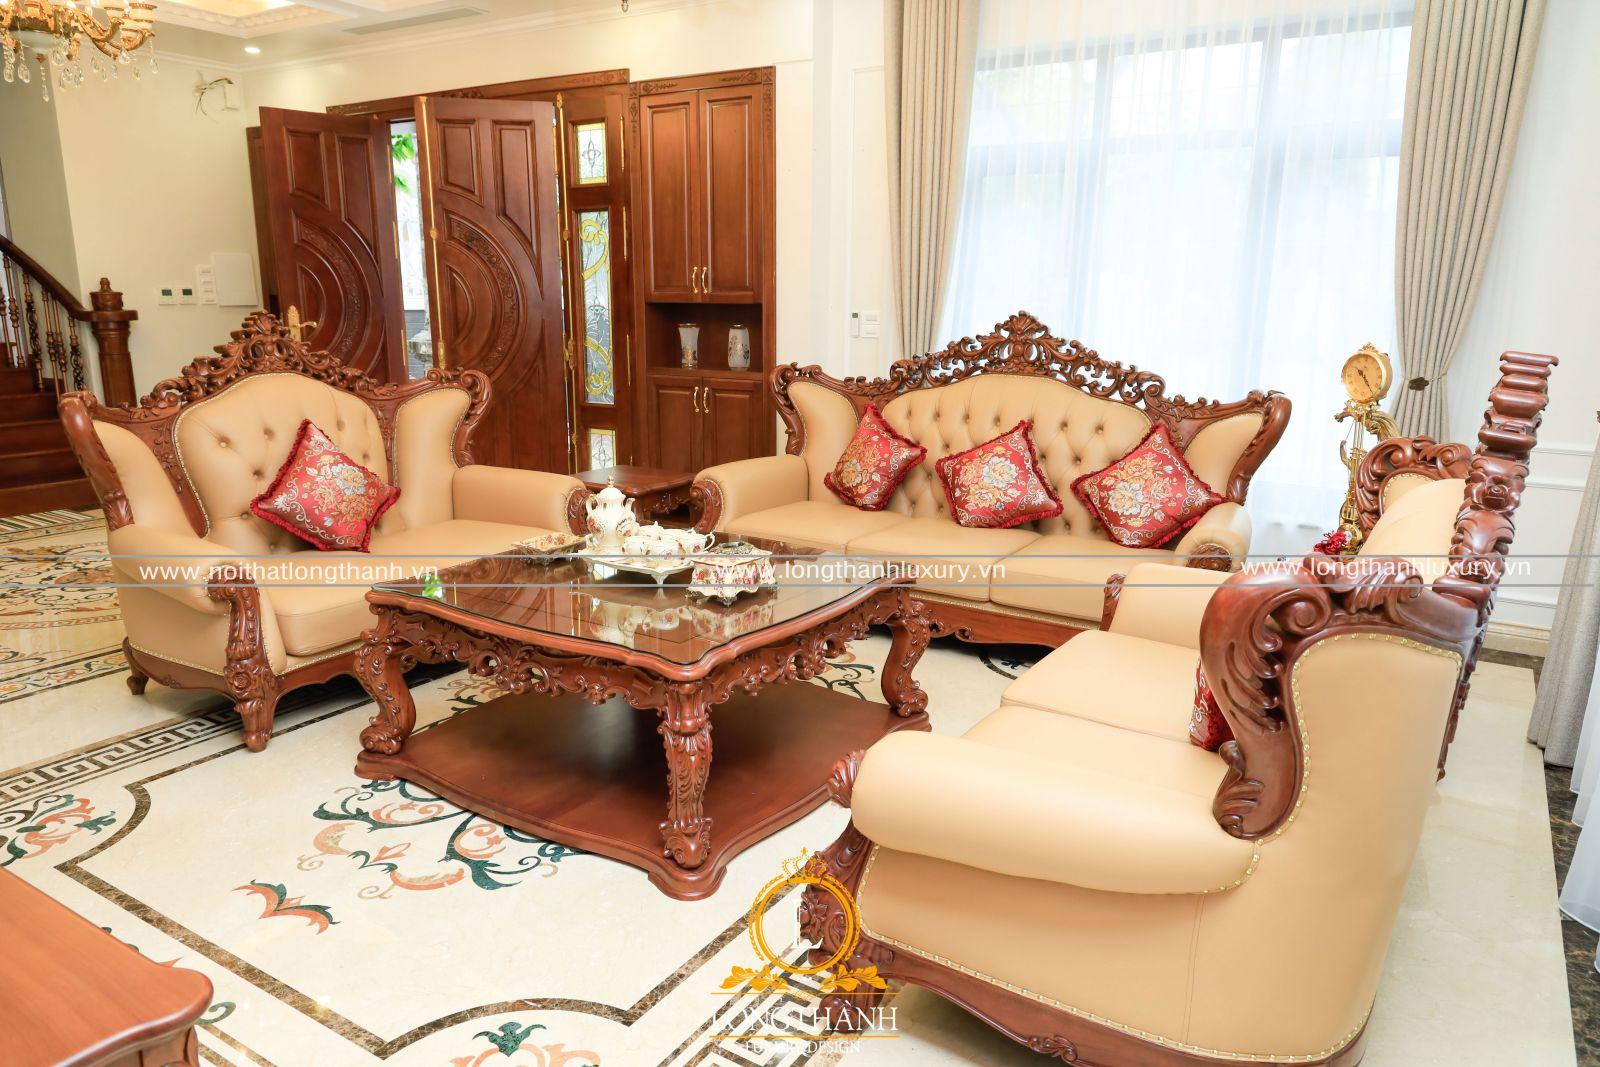 Bộ sofa bọc nệm êm ái cho người sử dụng